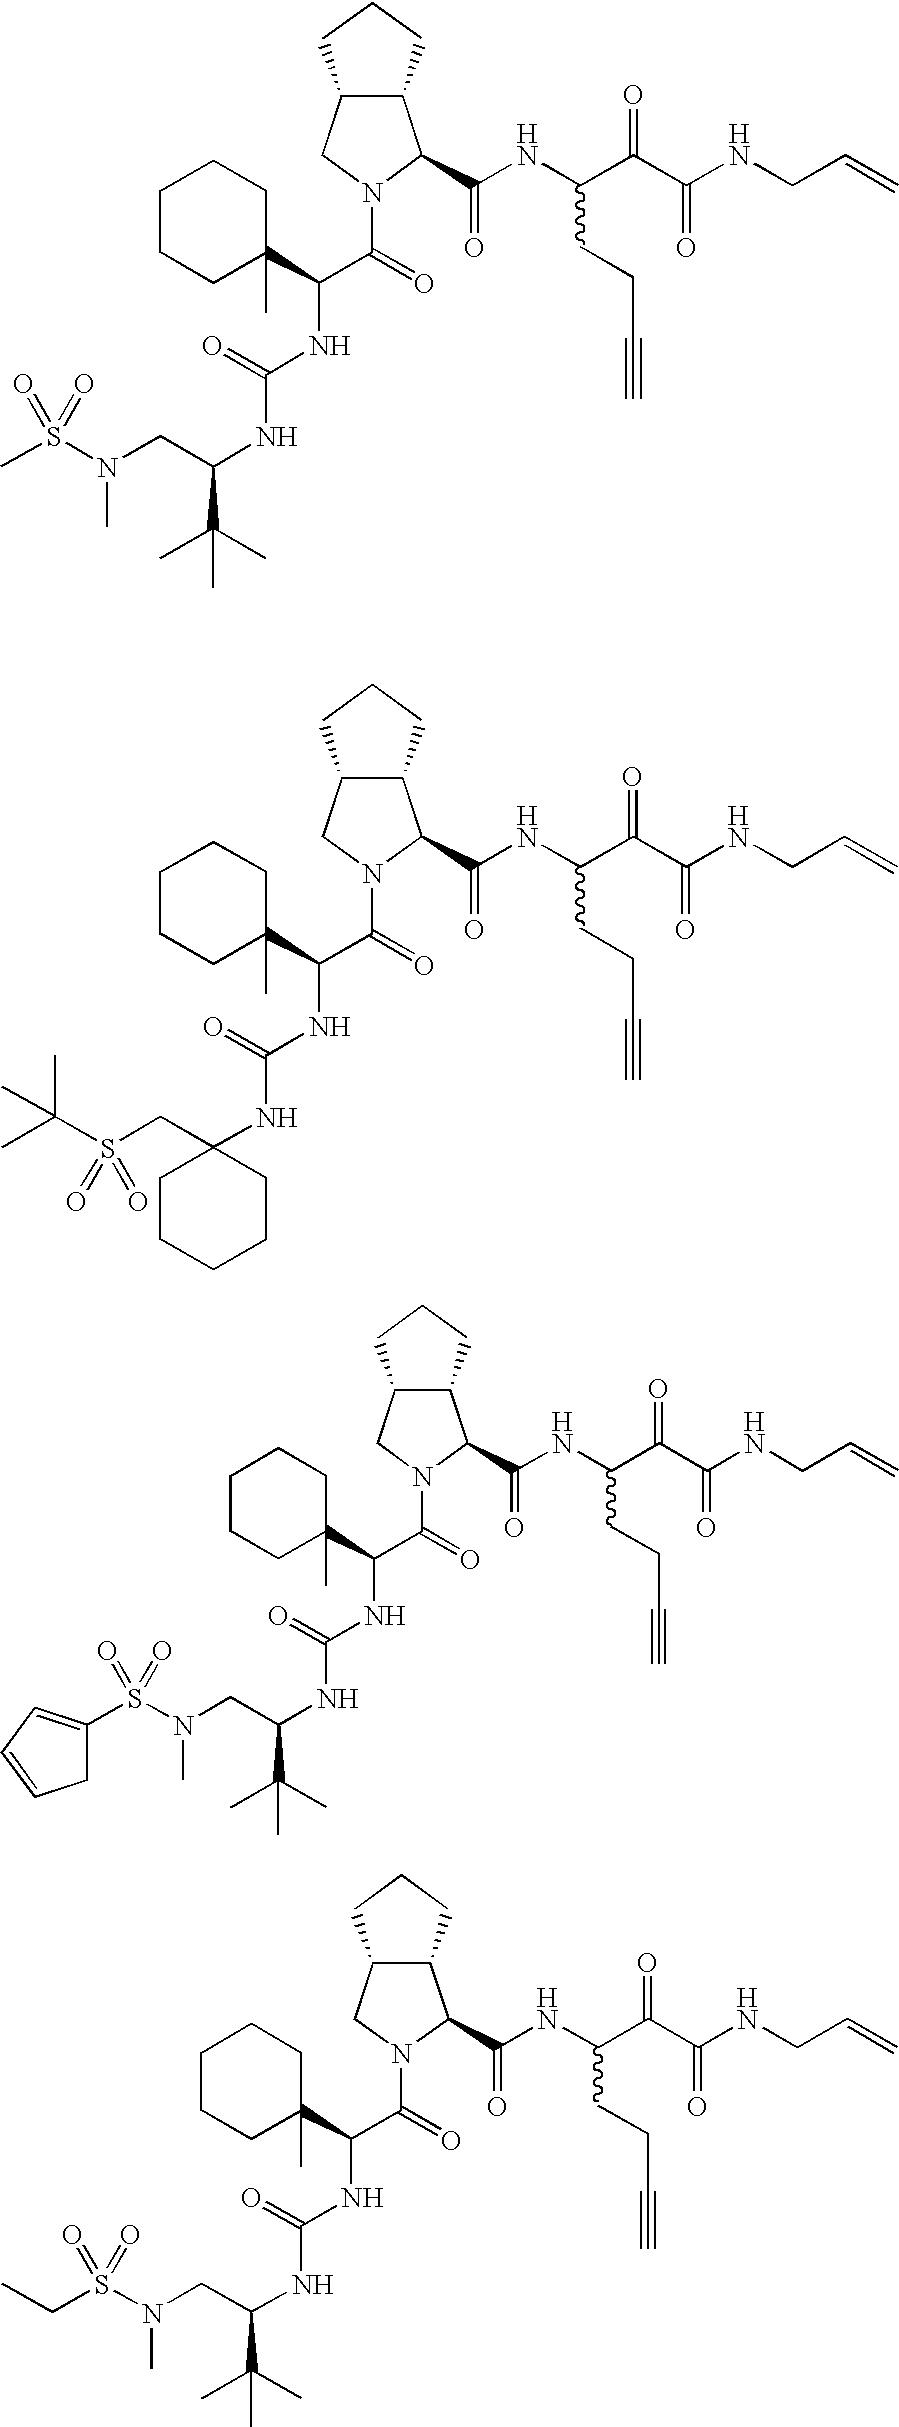 Figure US20060287248A1-20061221-C00549